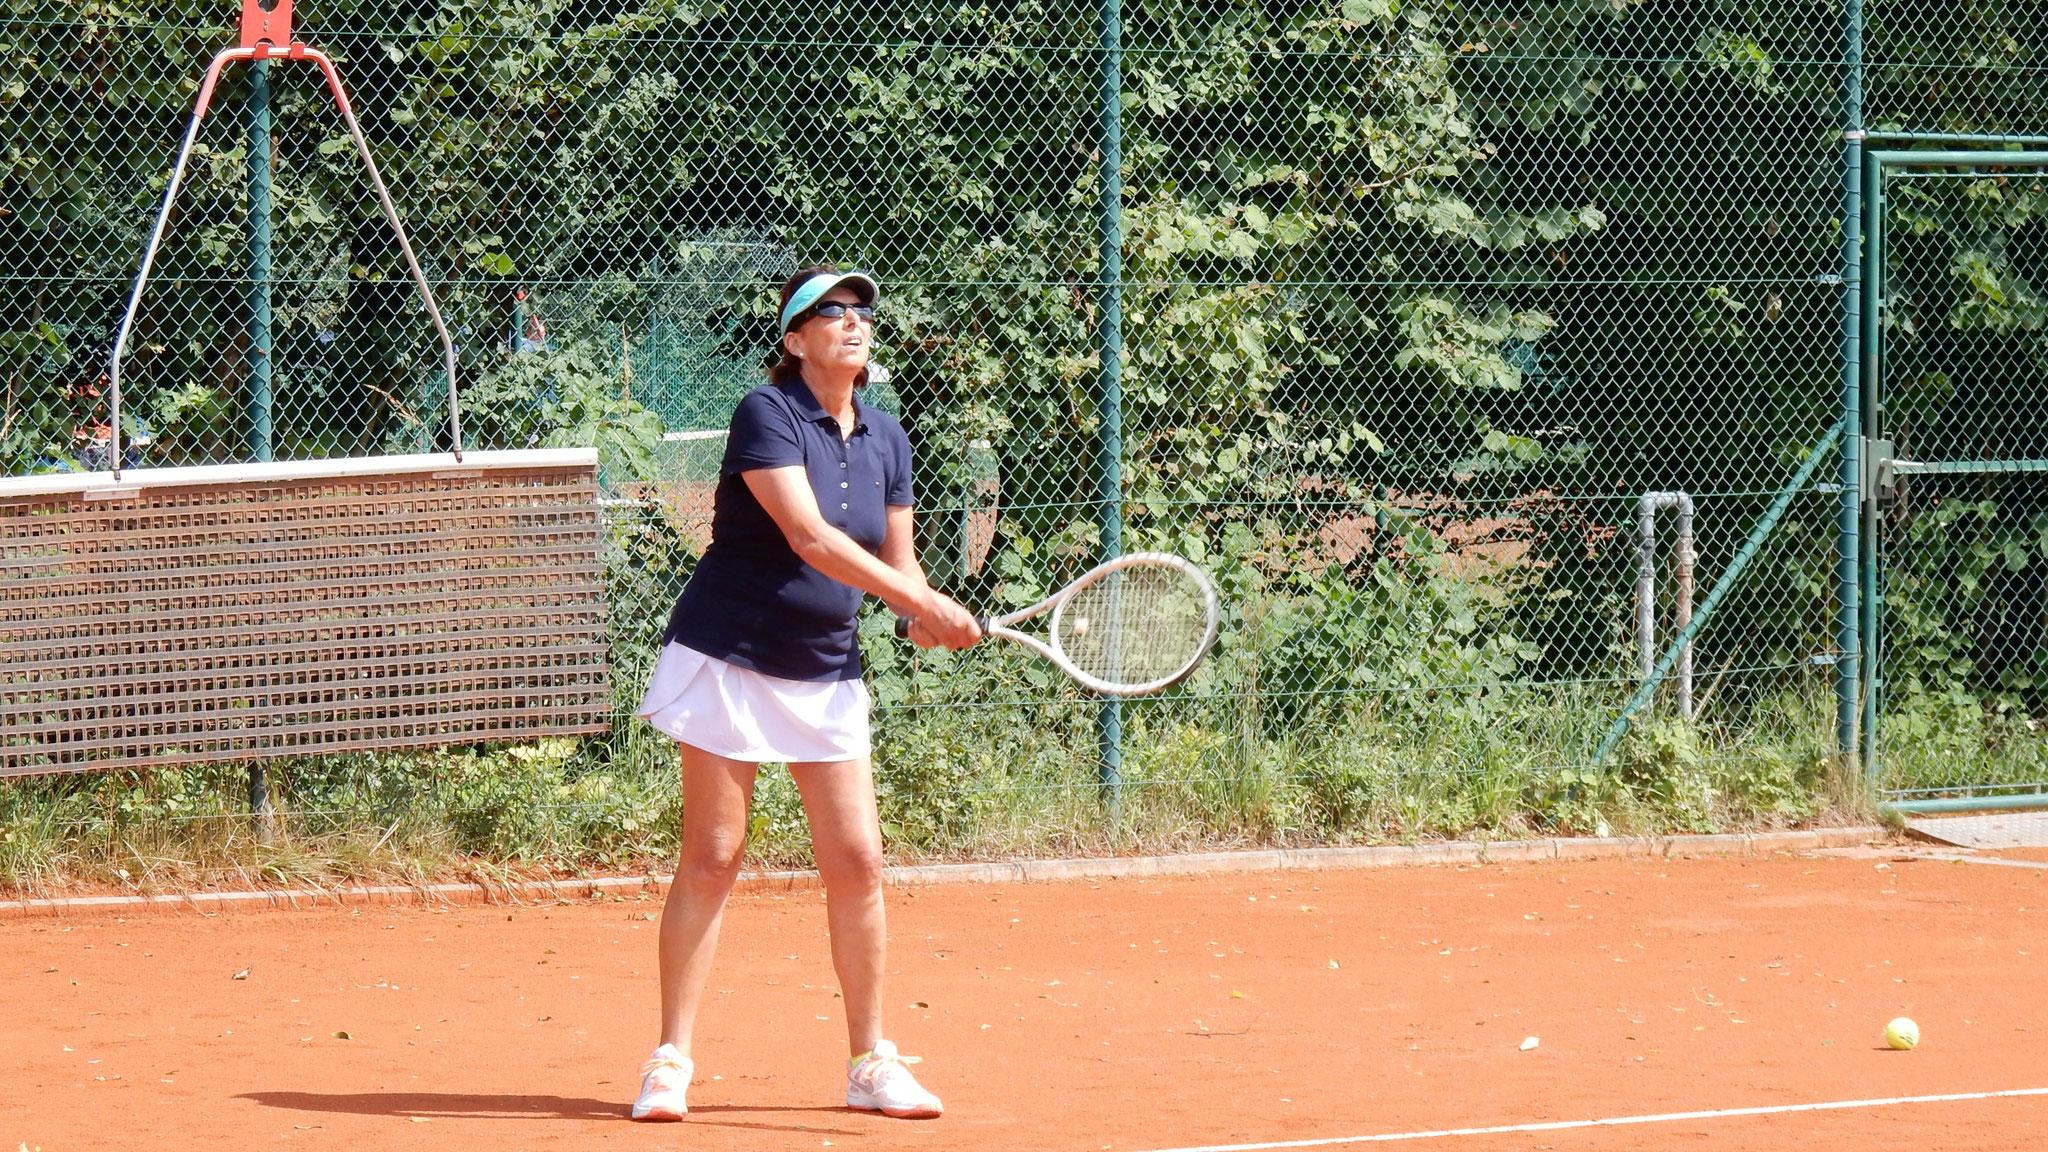 Siemens Tennis MГјnchen